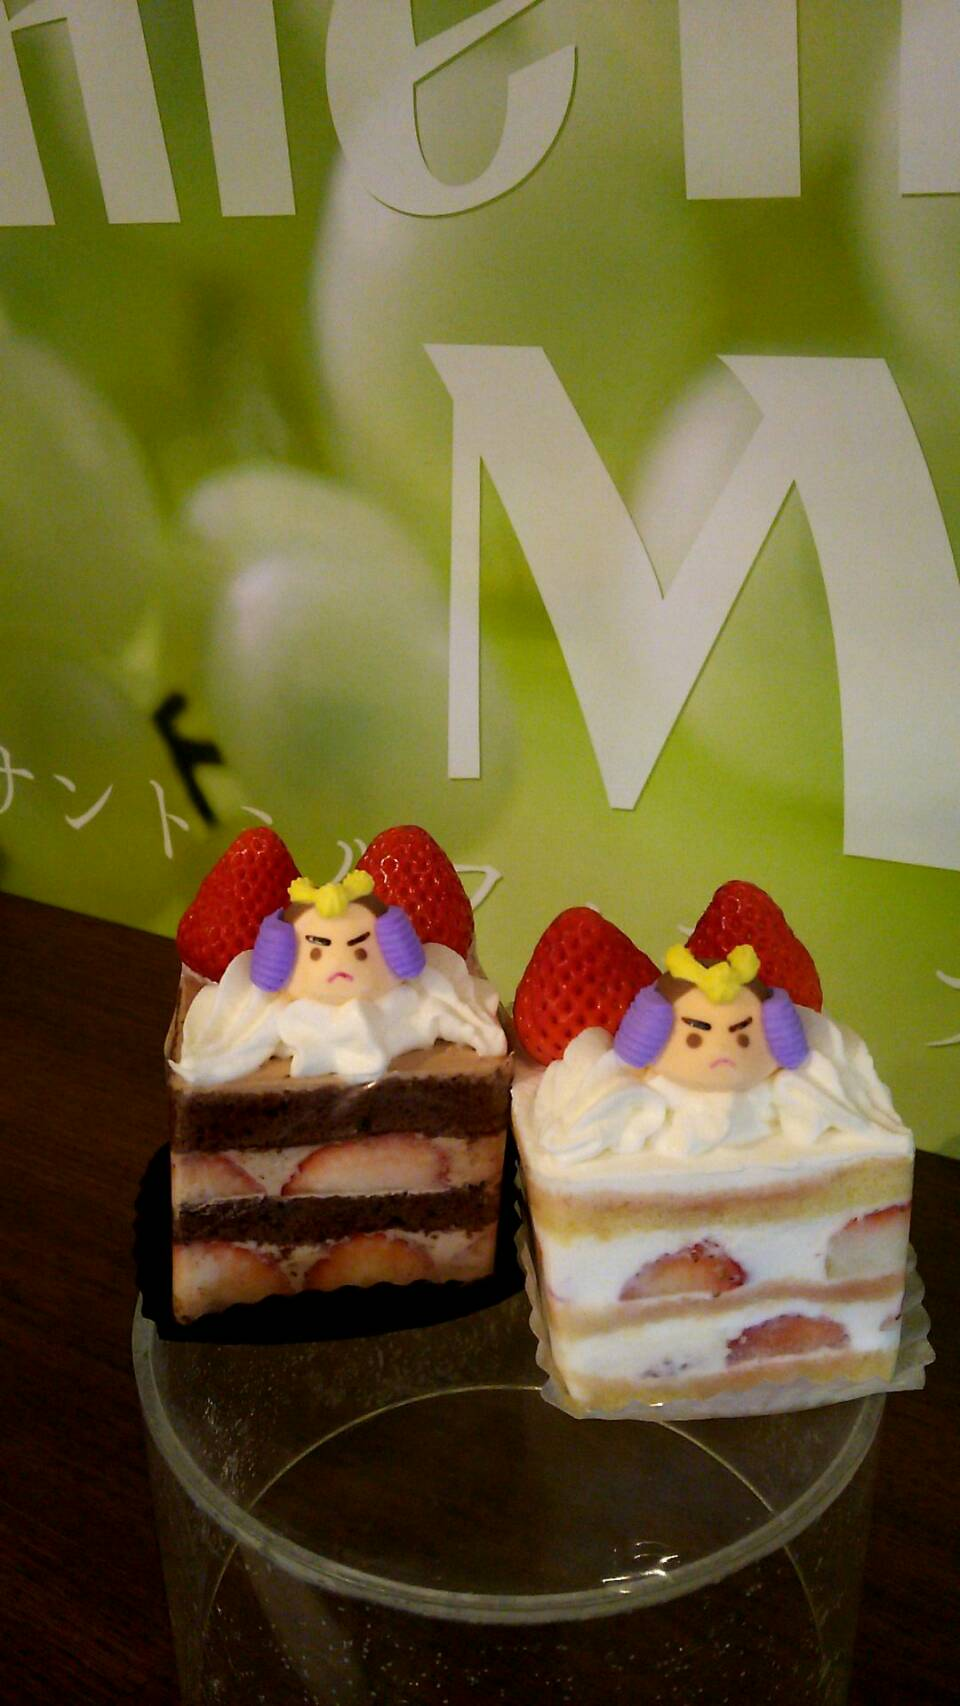 節句ショートケーキ